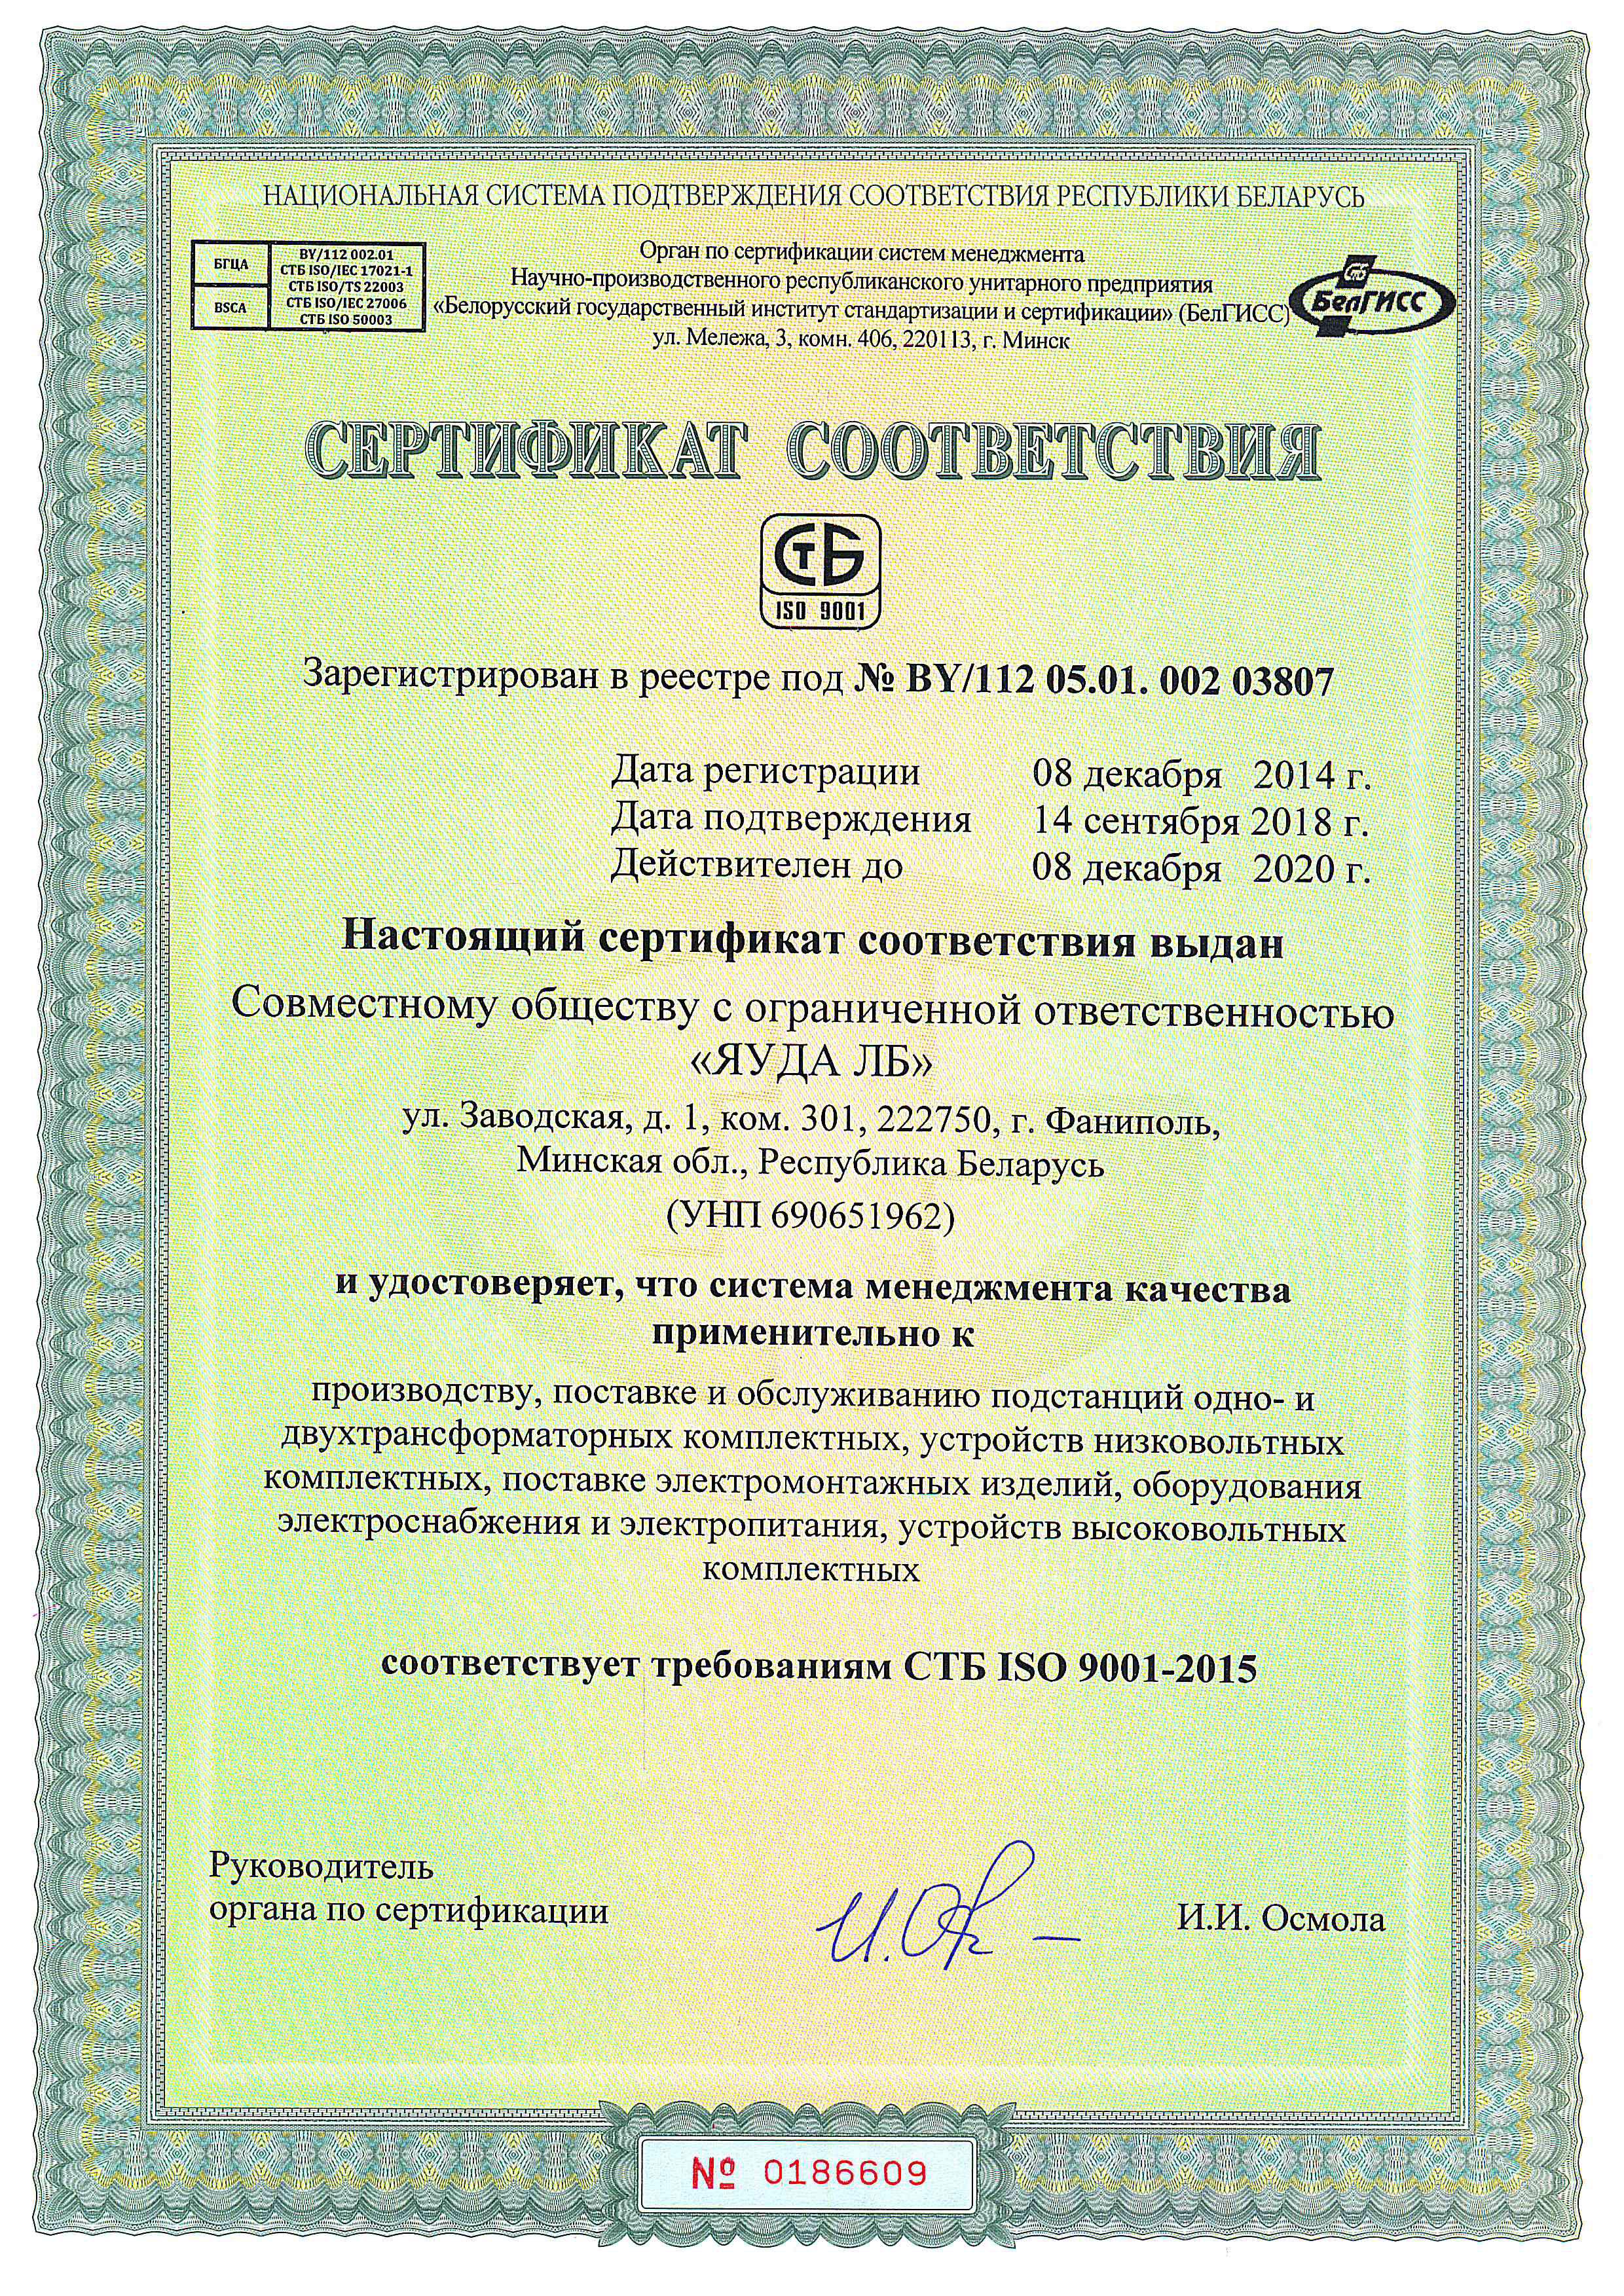 Сертификат качества ISO 9001 - Jauda LB - оперативно-техническое обслуживание (ОТО)